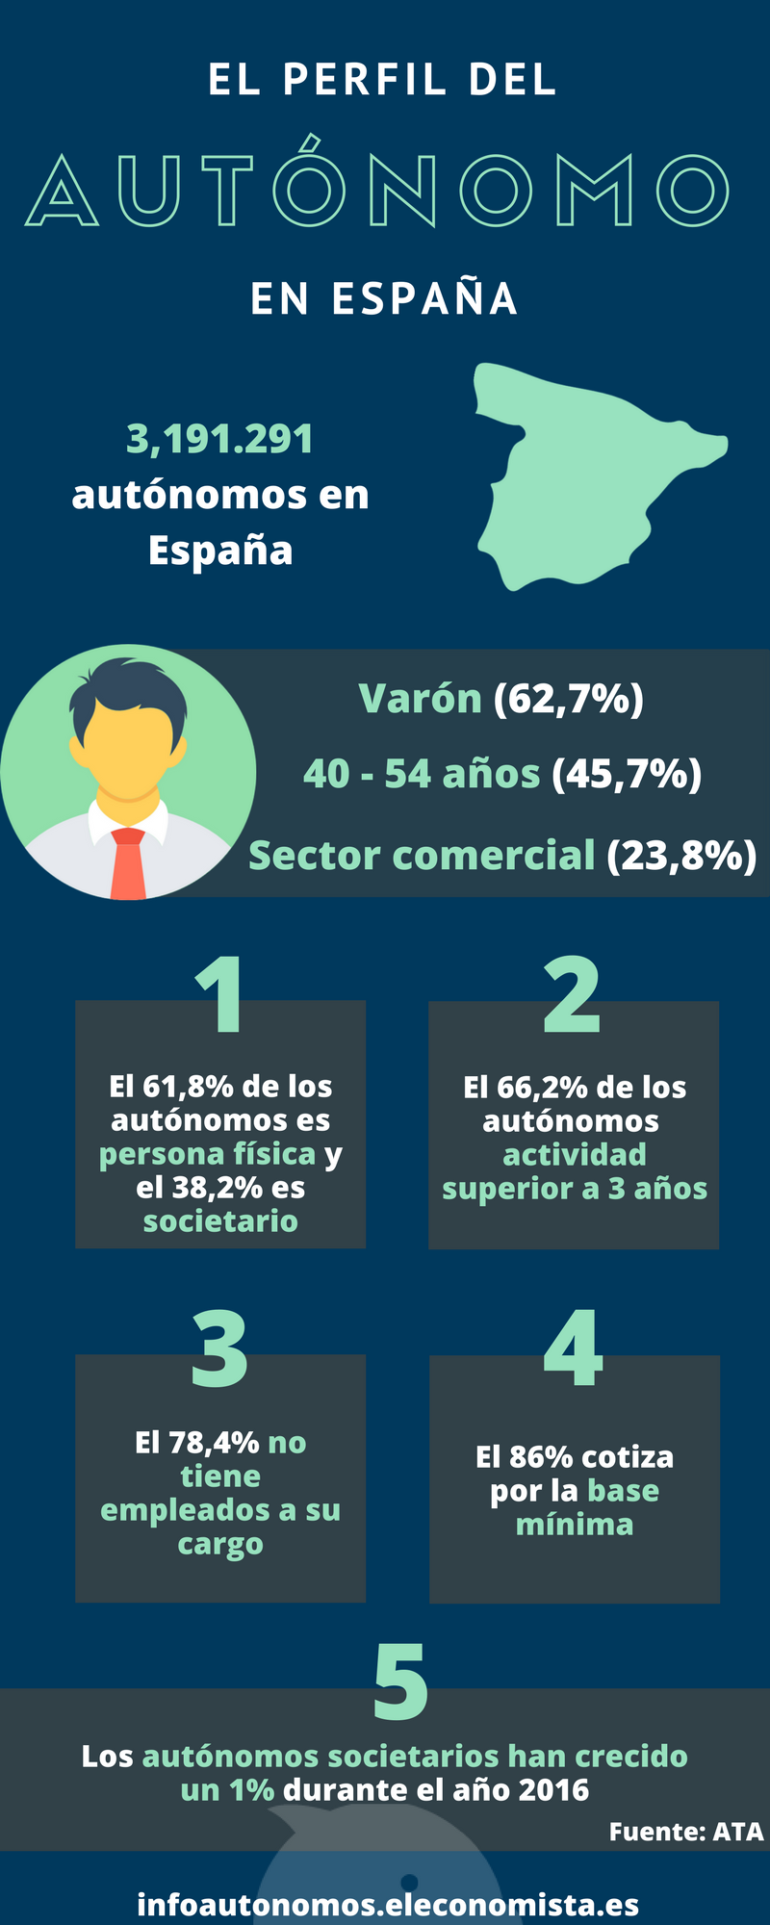 Perfil del autónomo en España